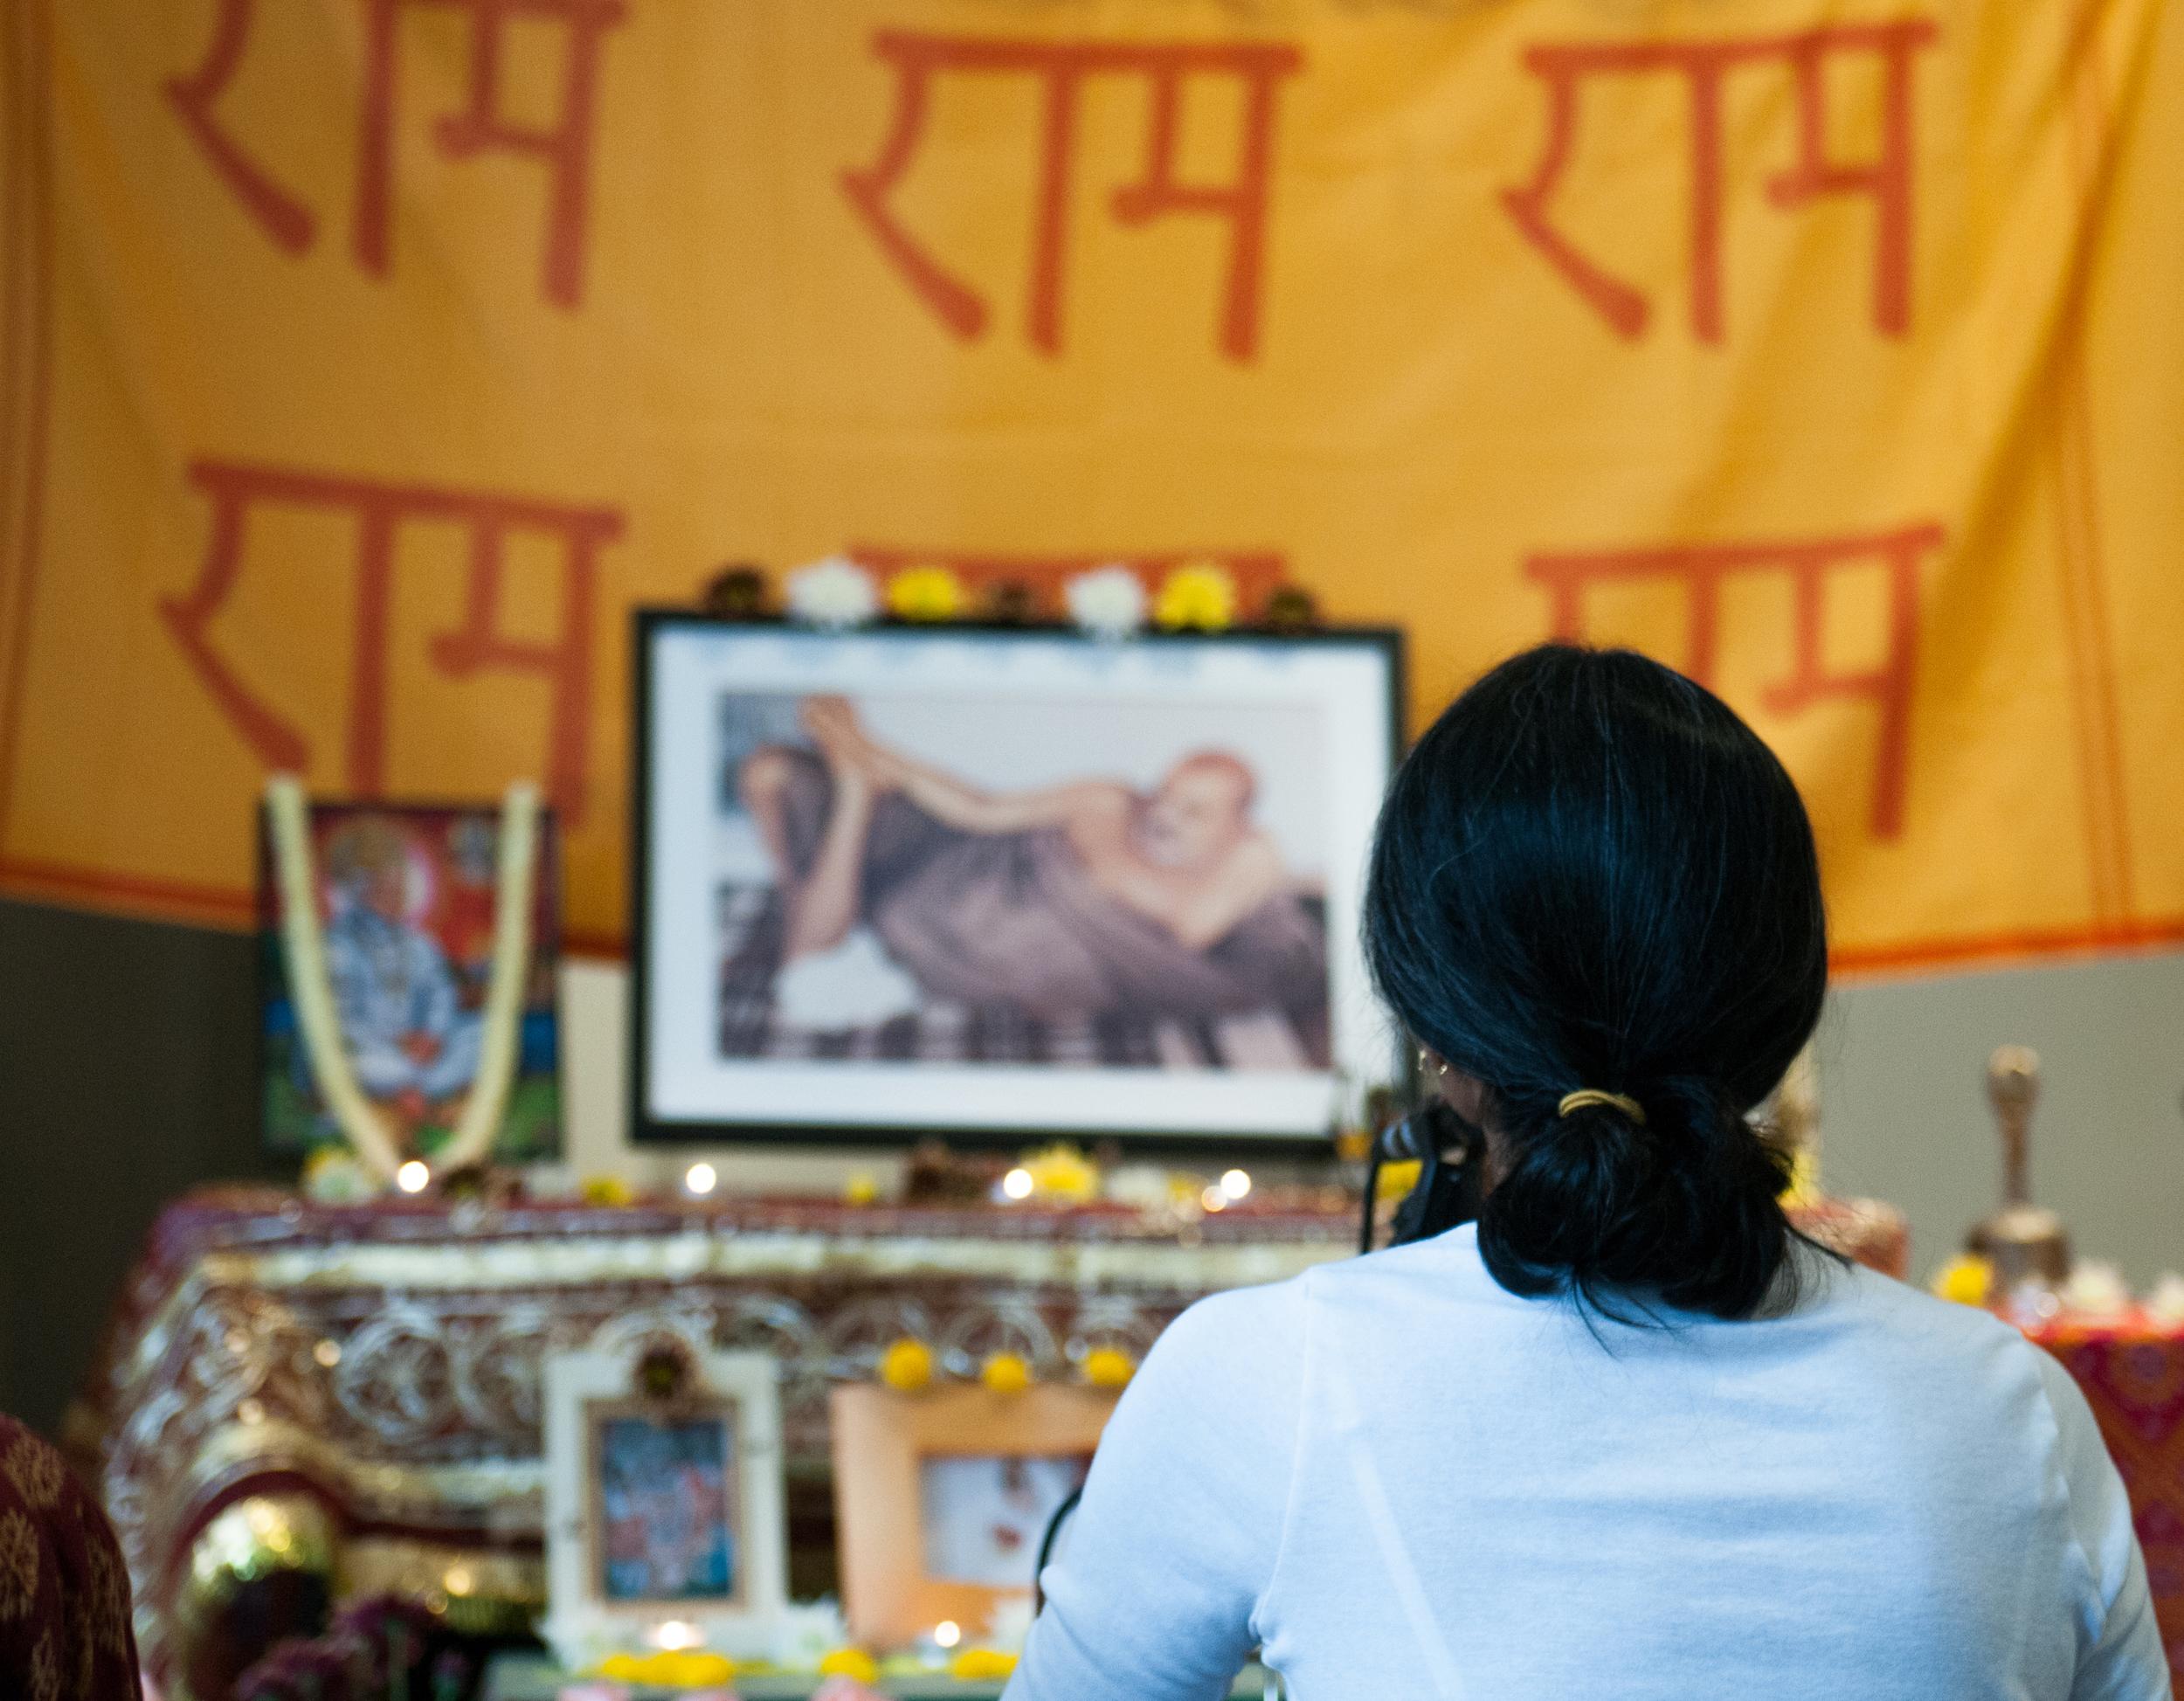 Vanaras-Present-108-Hanuman-Chalisas-@-Broome-Street-Temple-(A.M.)-23.jpg